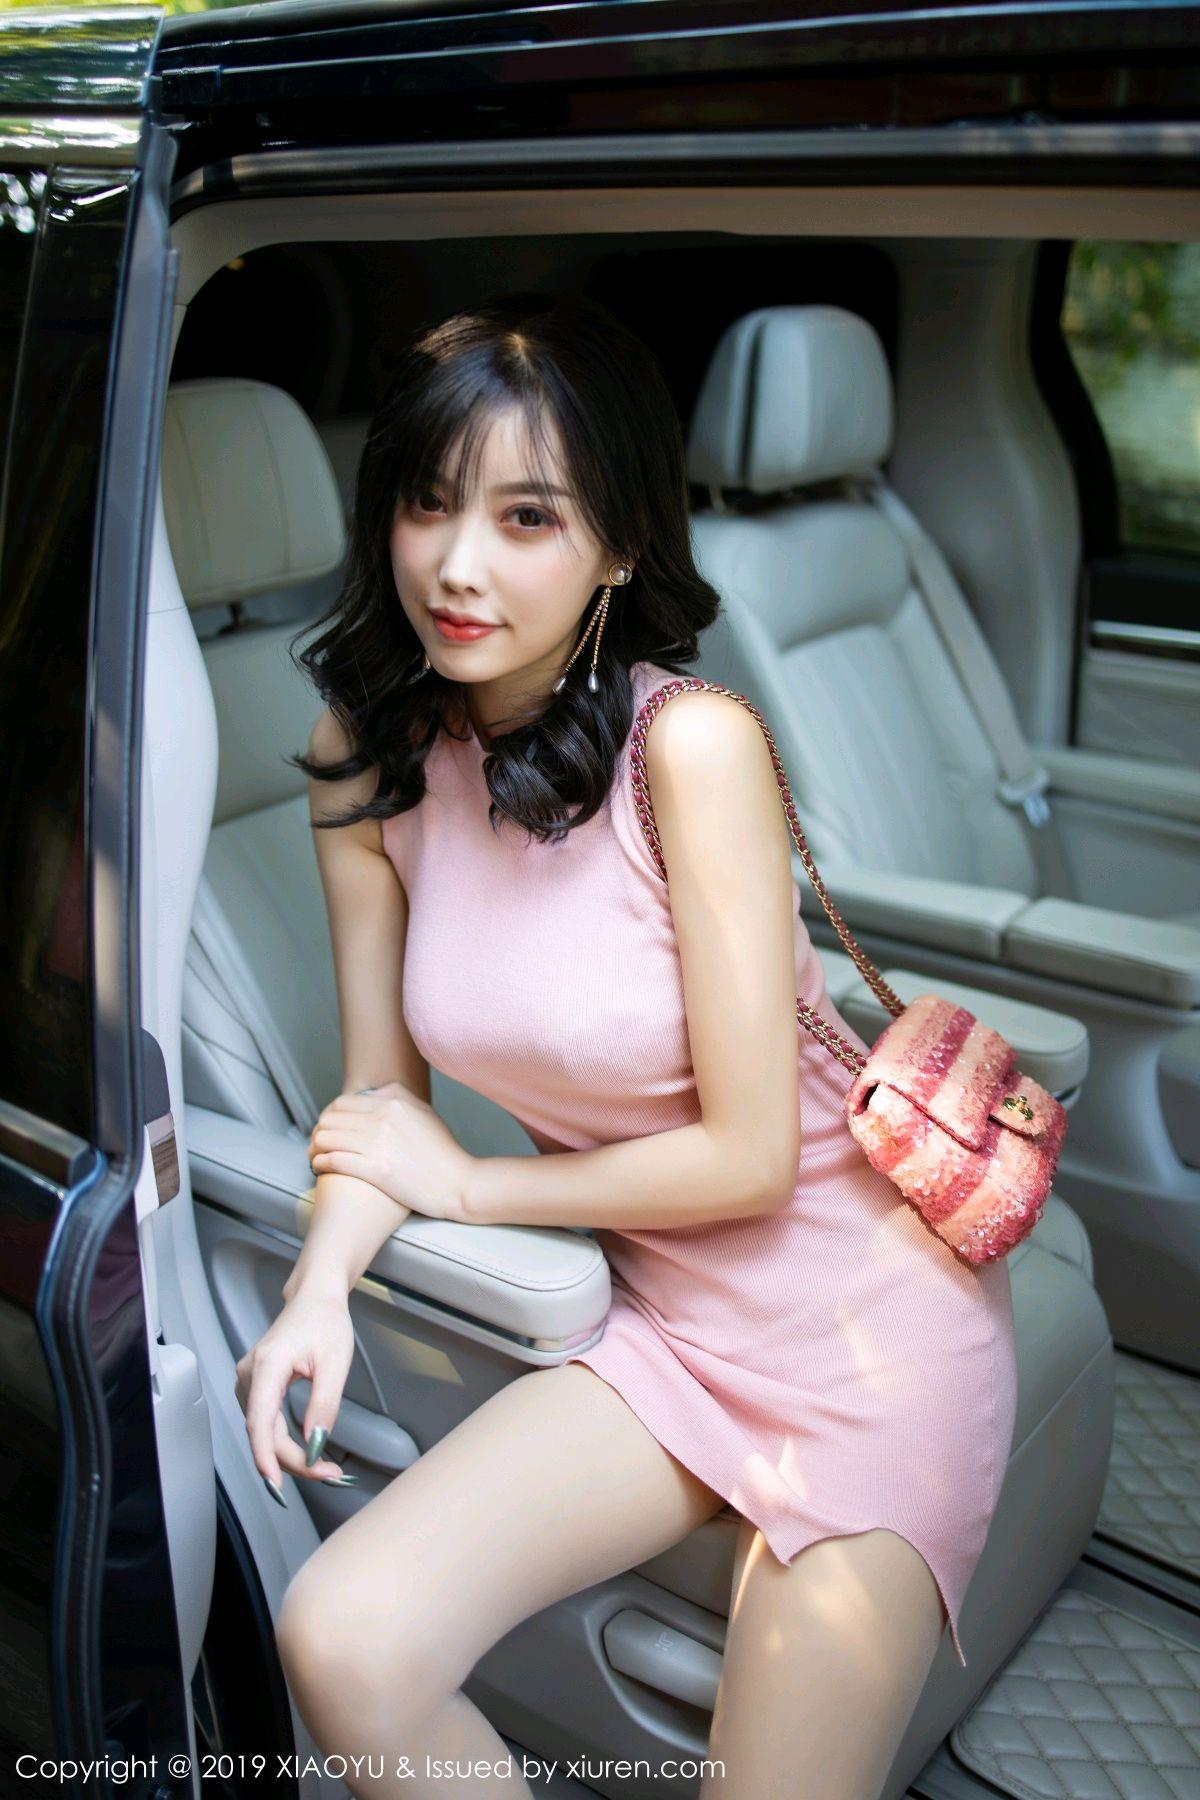 [XIAOYU] Vol.178 Yang Chen Chen 22P, Outdoor, Tall, XiaoYu, Yang Chen Chen